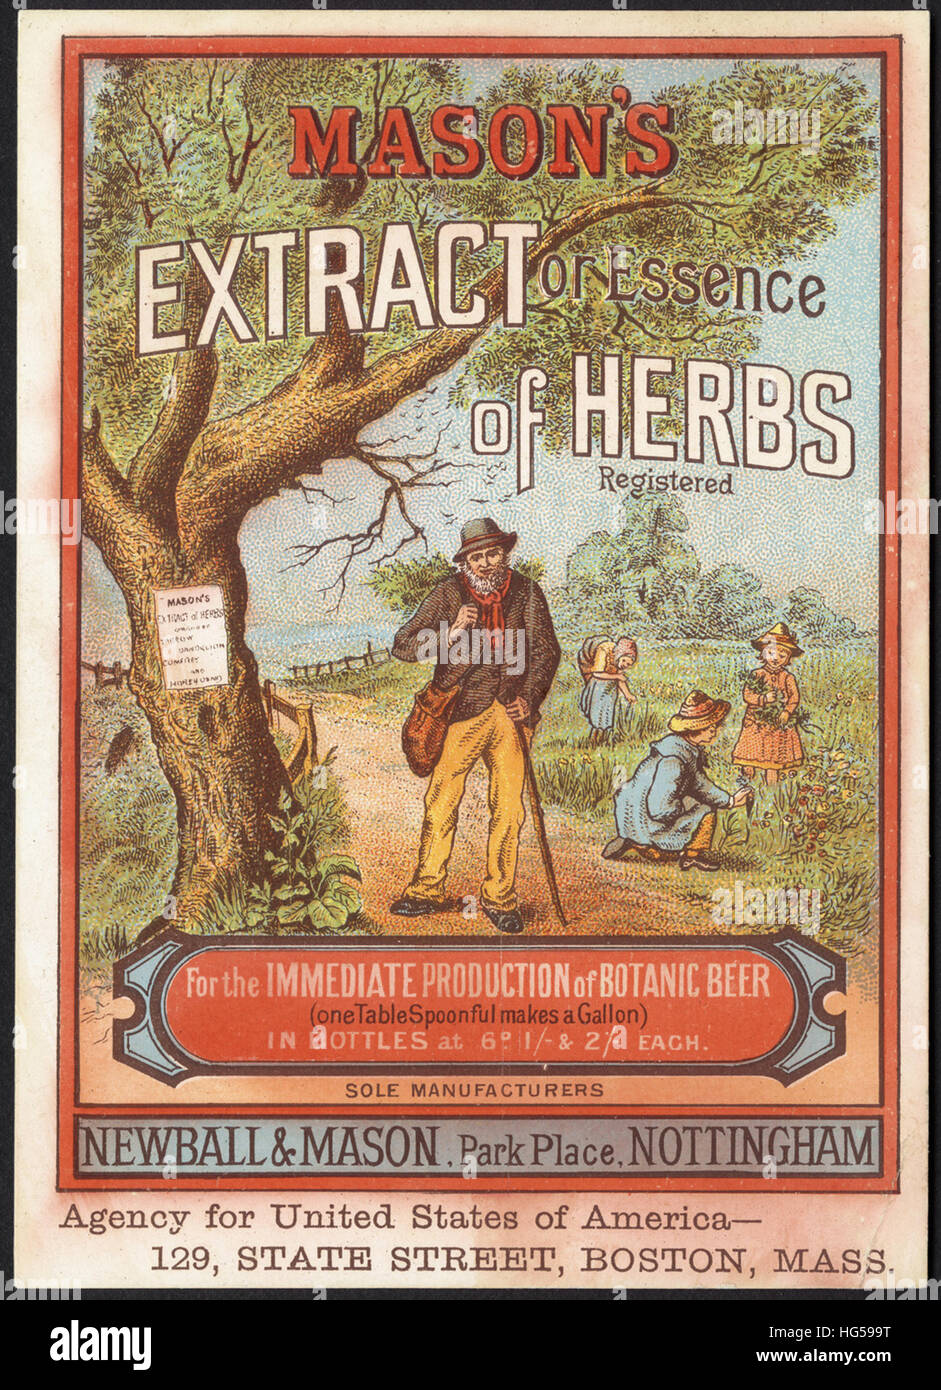 Il commercio di bevande carte - Mason's estratto o essenza di erbe per l'immediata produzione di birra botanico. Immagini Stock